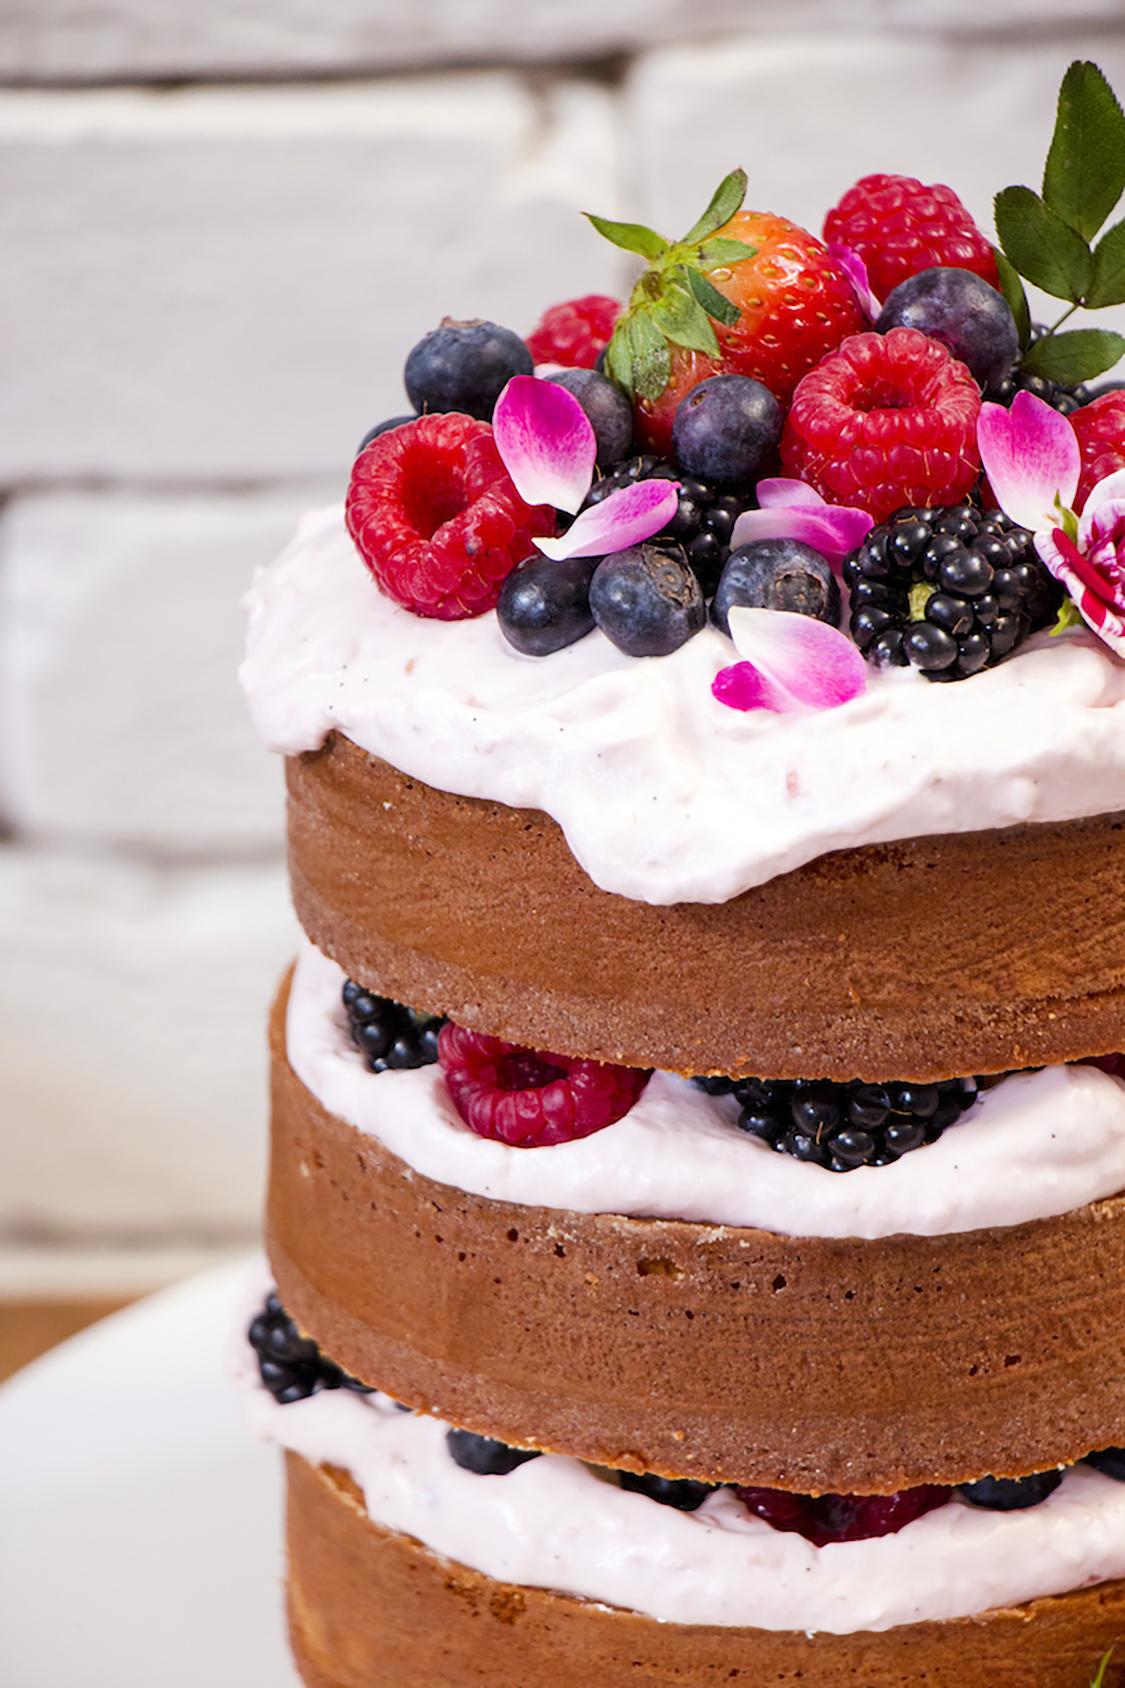 Prepare um delicioso naked cake de chocolate e morangos